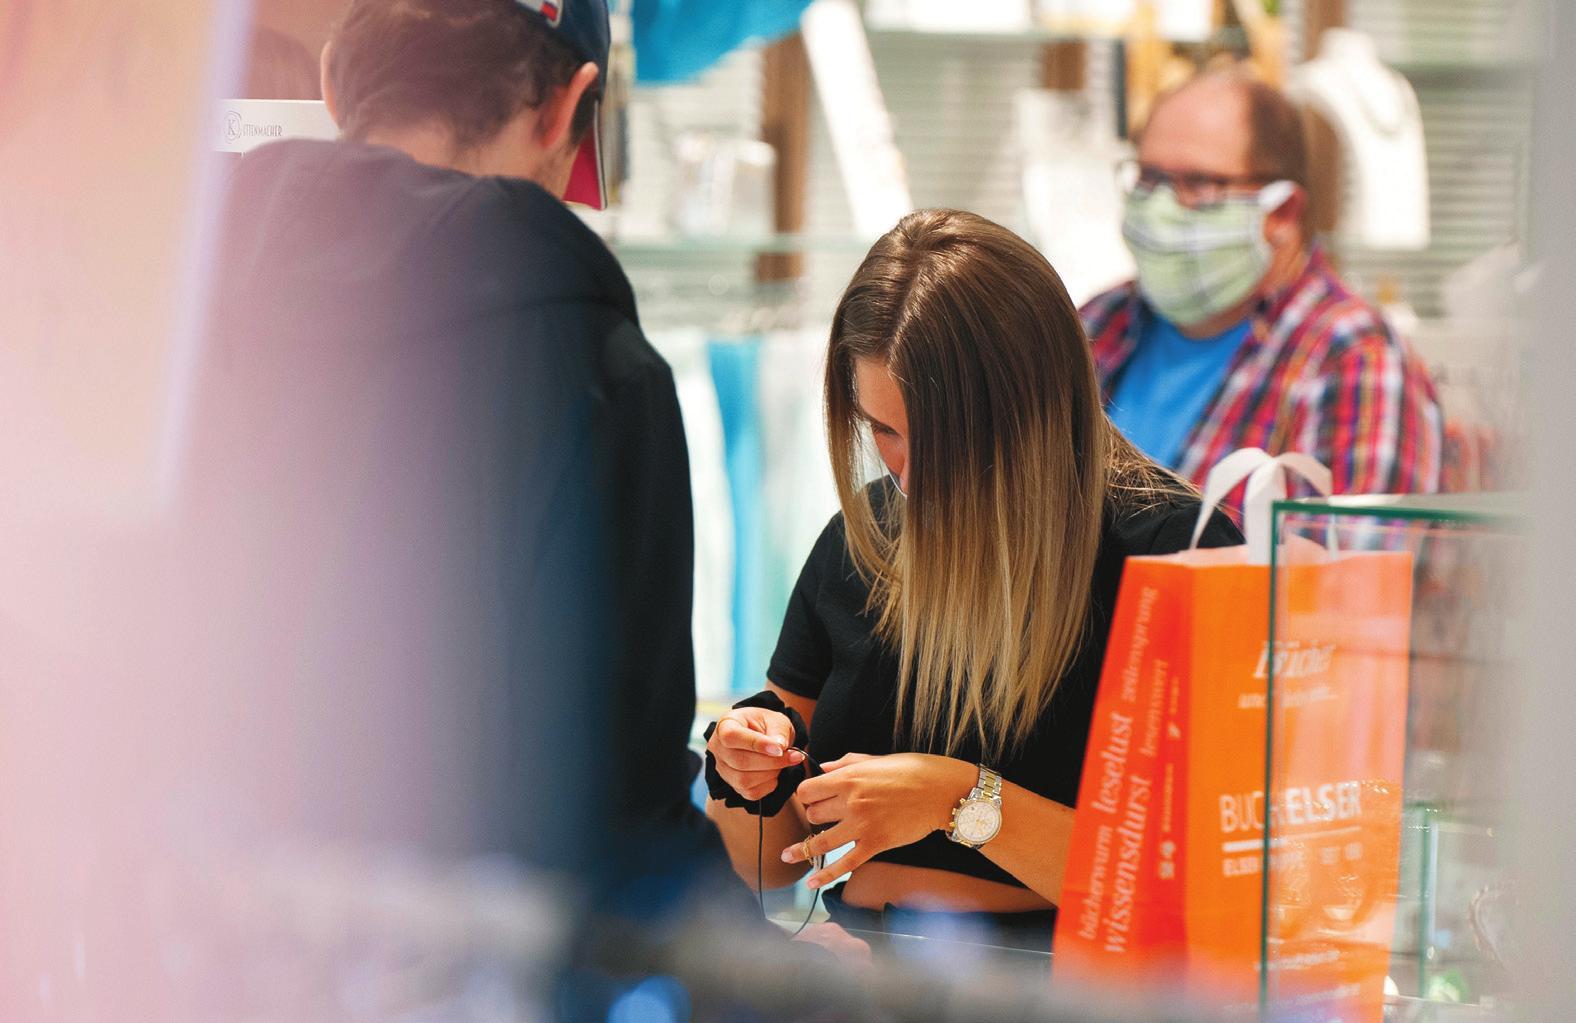 Zahlreiche Geschäfte in der Mühlacker Innenstadt sind beim Mühlacker Sommer mit von der Partie.